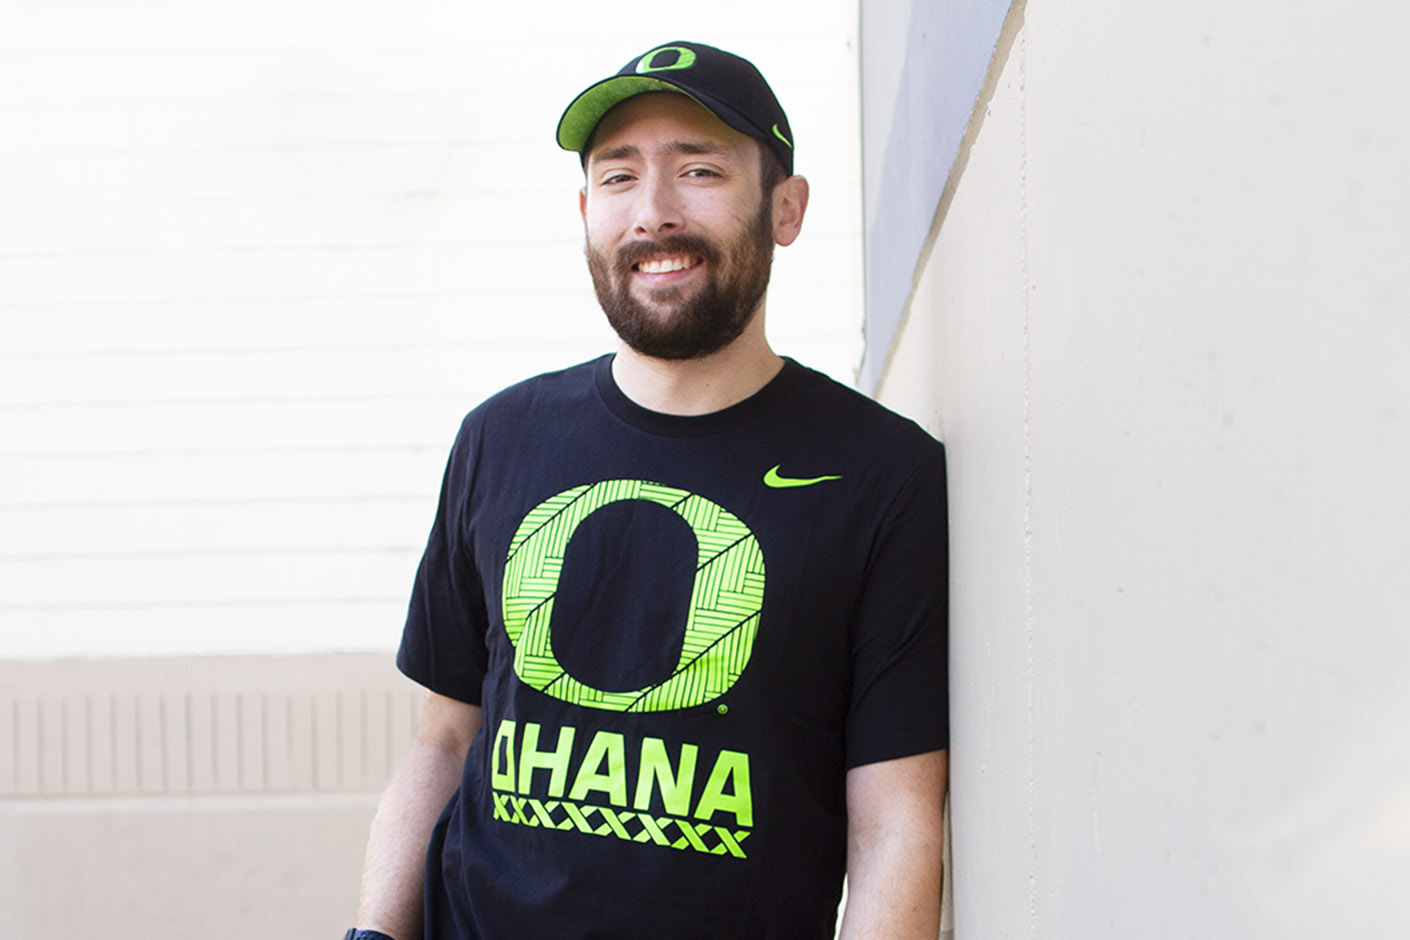 Oregon Nike Ohana